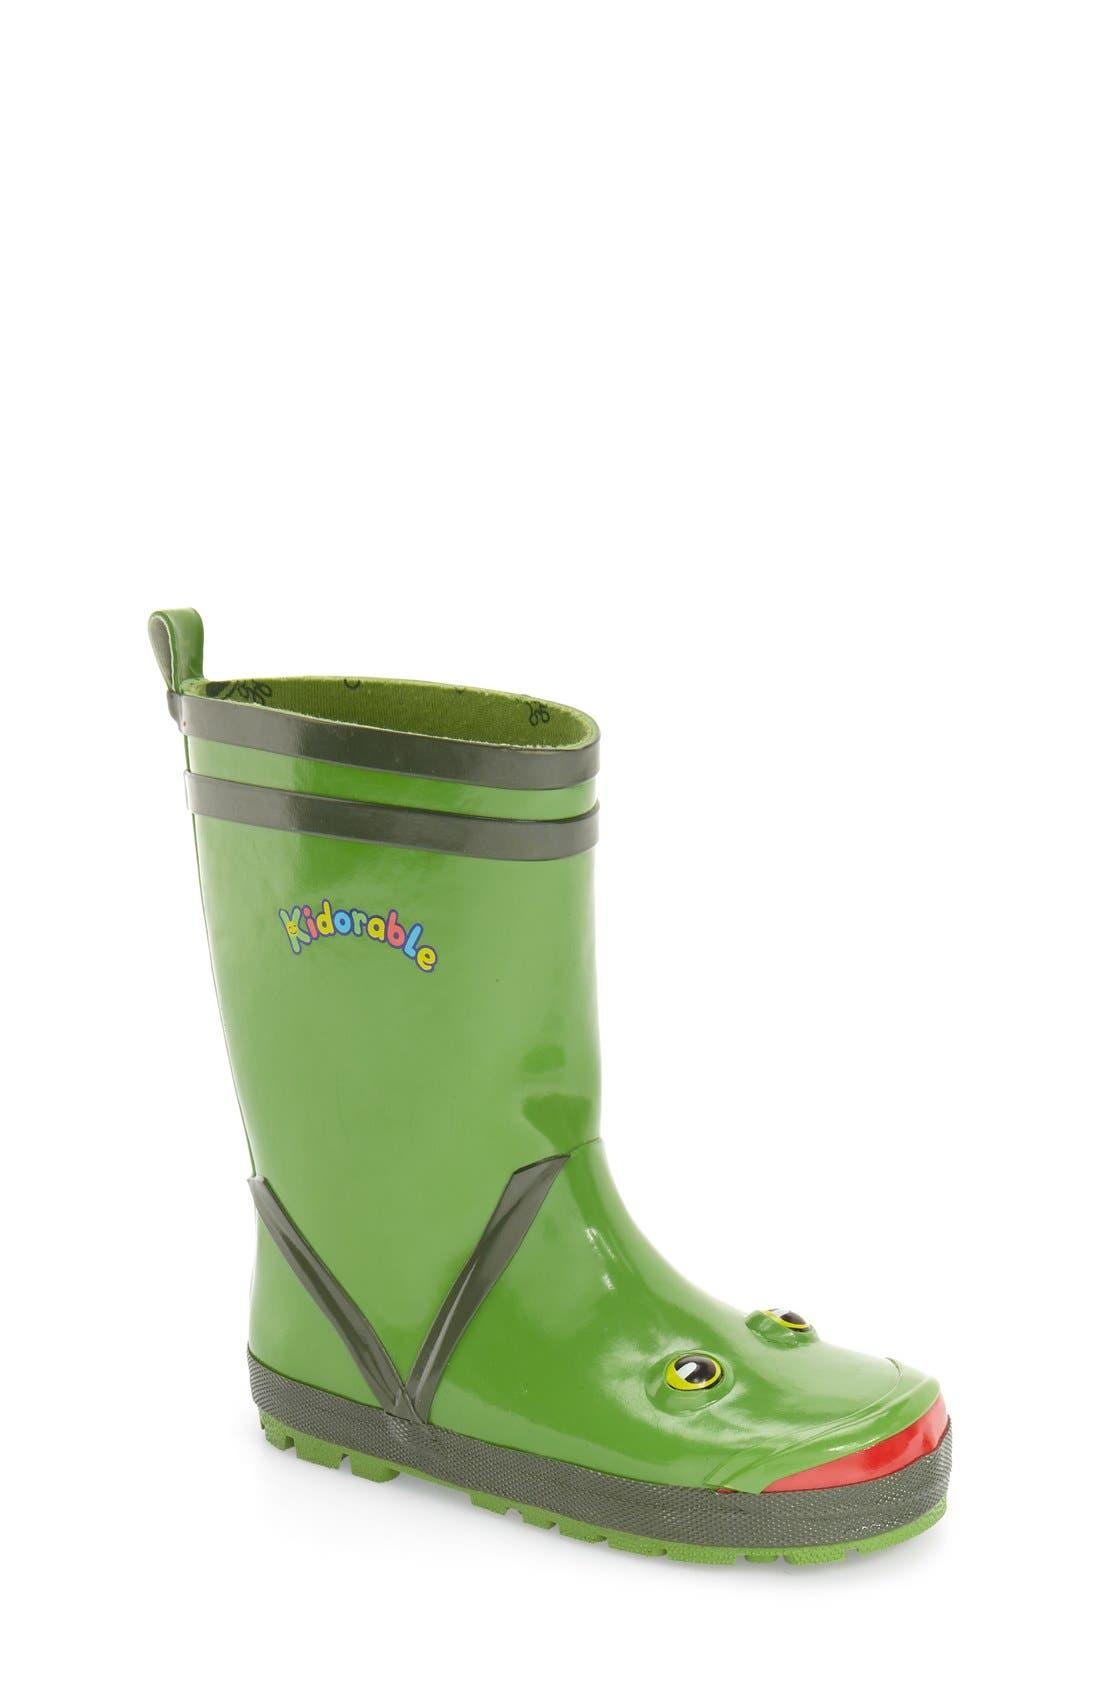 KIDORABLE 'Frog' Waterproof Rain Boot